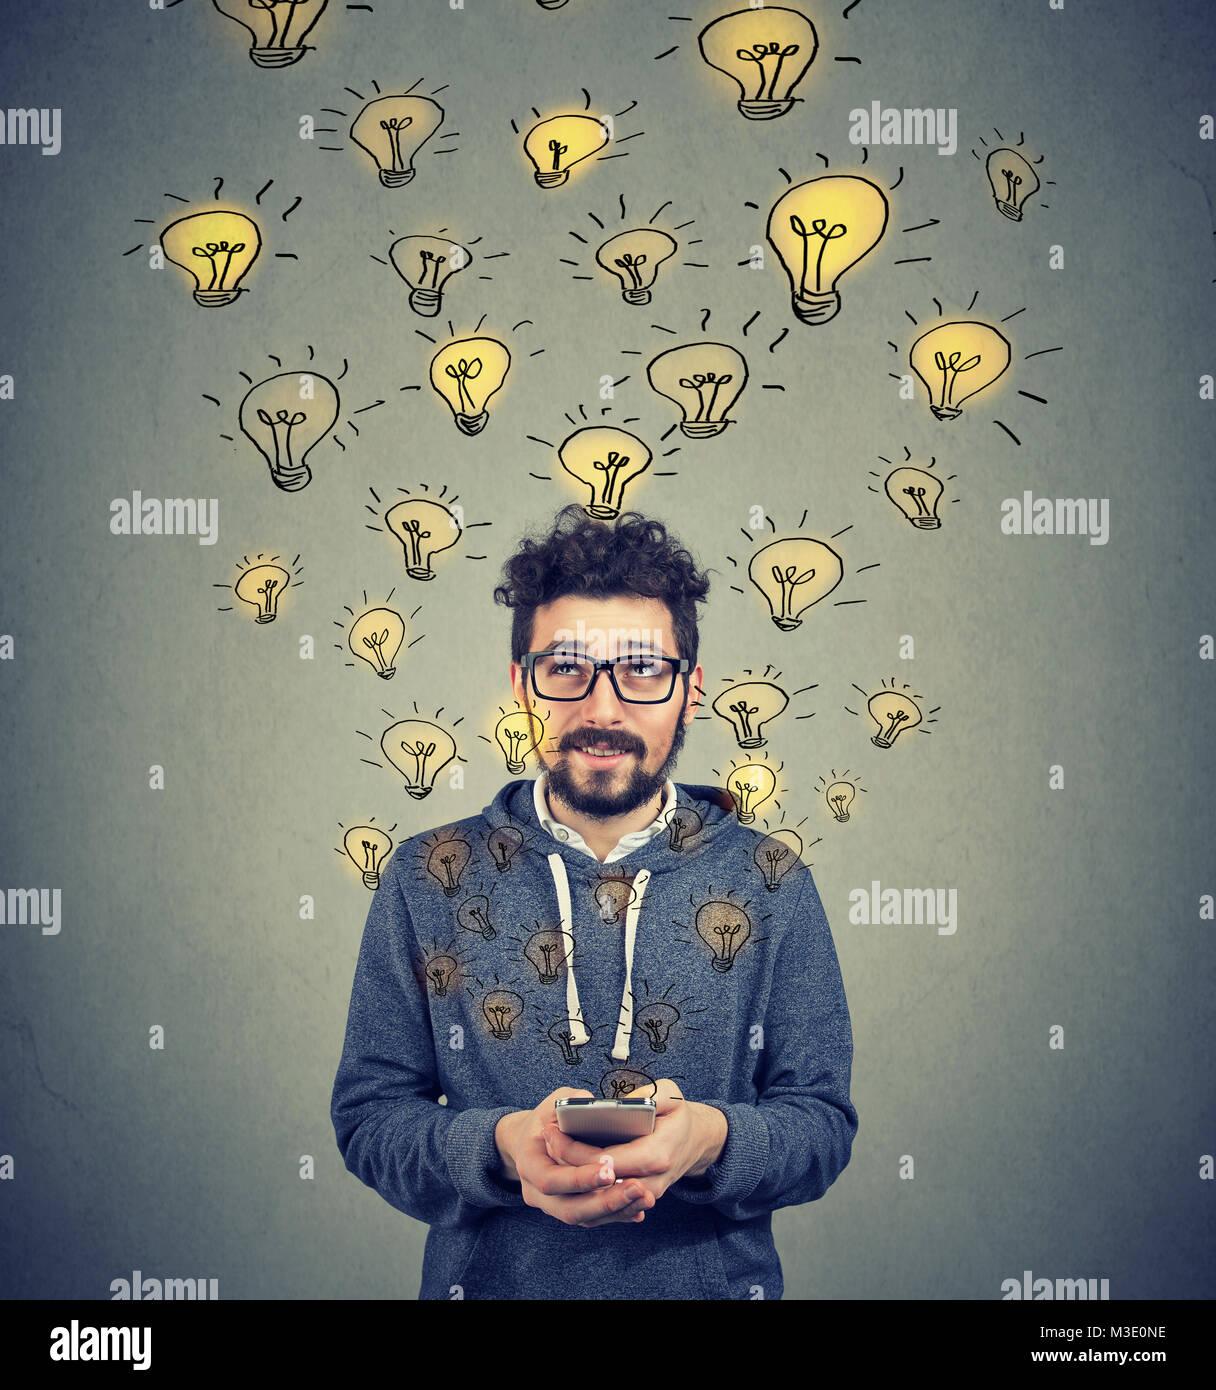 Junger Mann in Brillen holding Smartphone und produzieren viele erfolgreiche Ideen. Stockbild